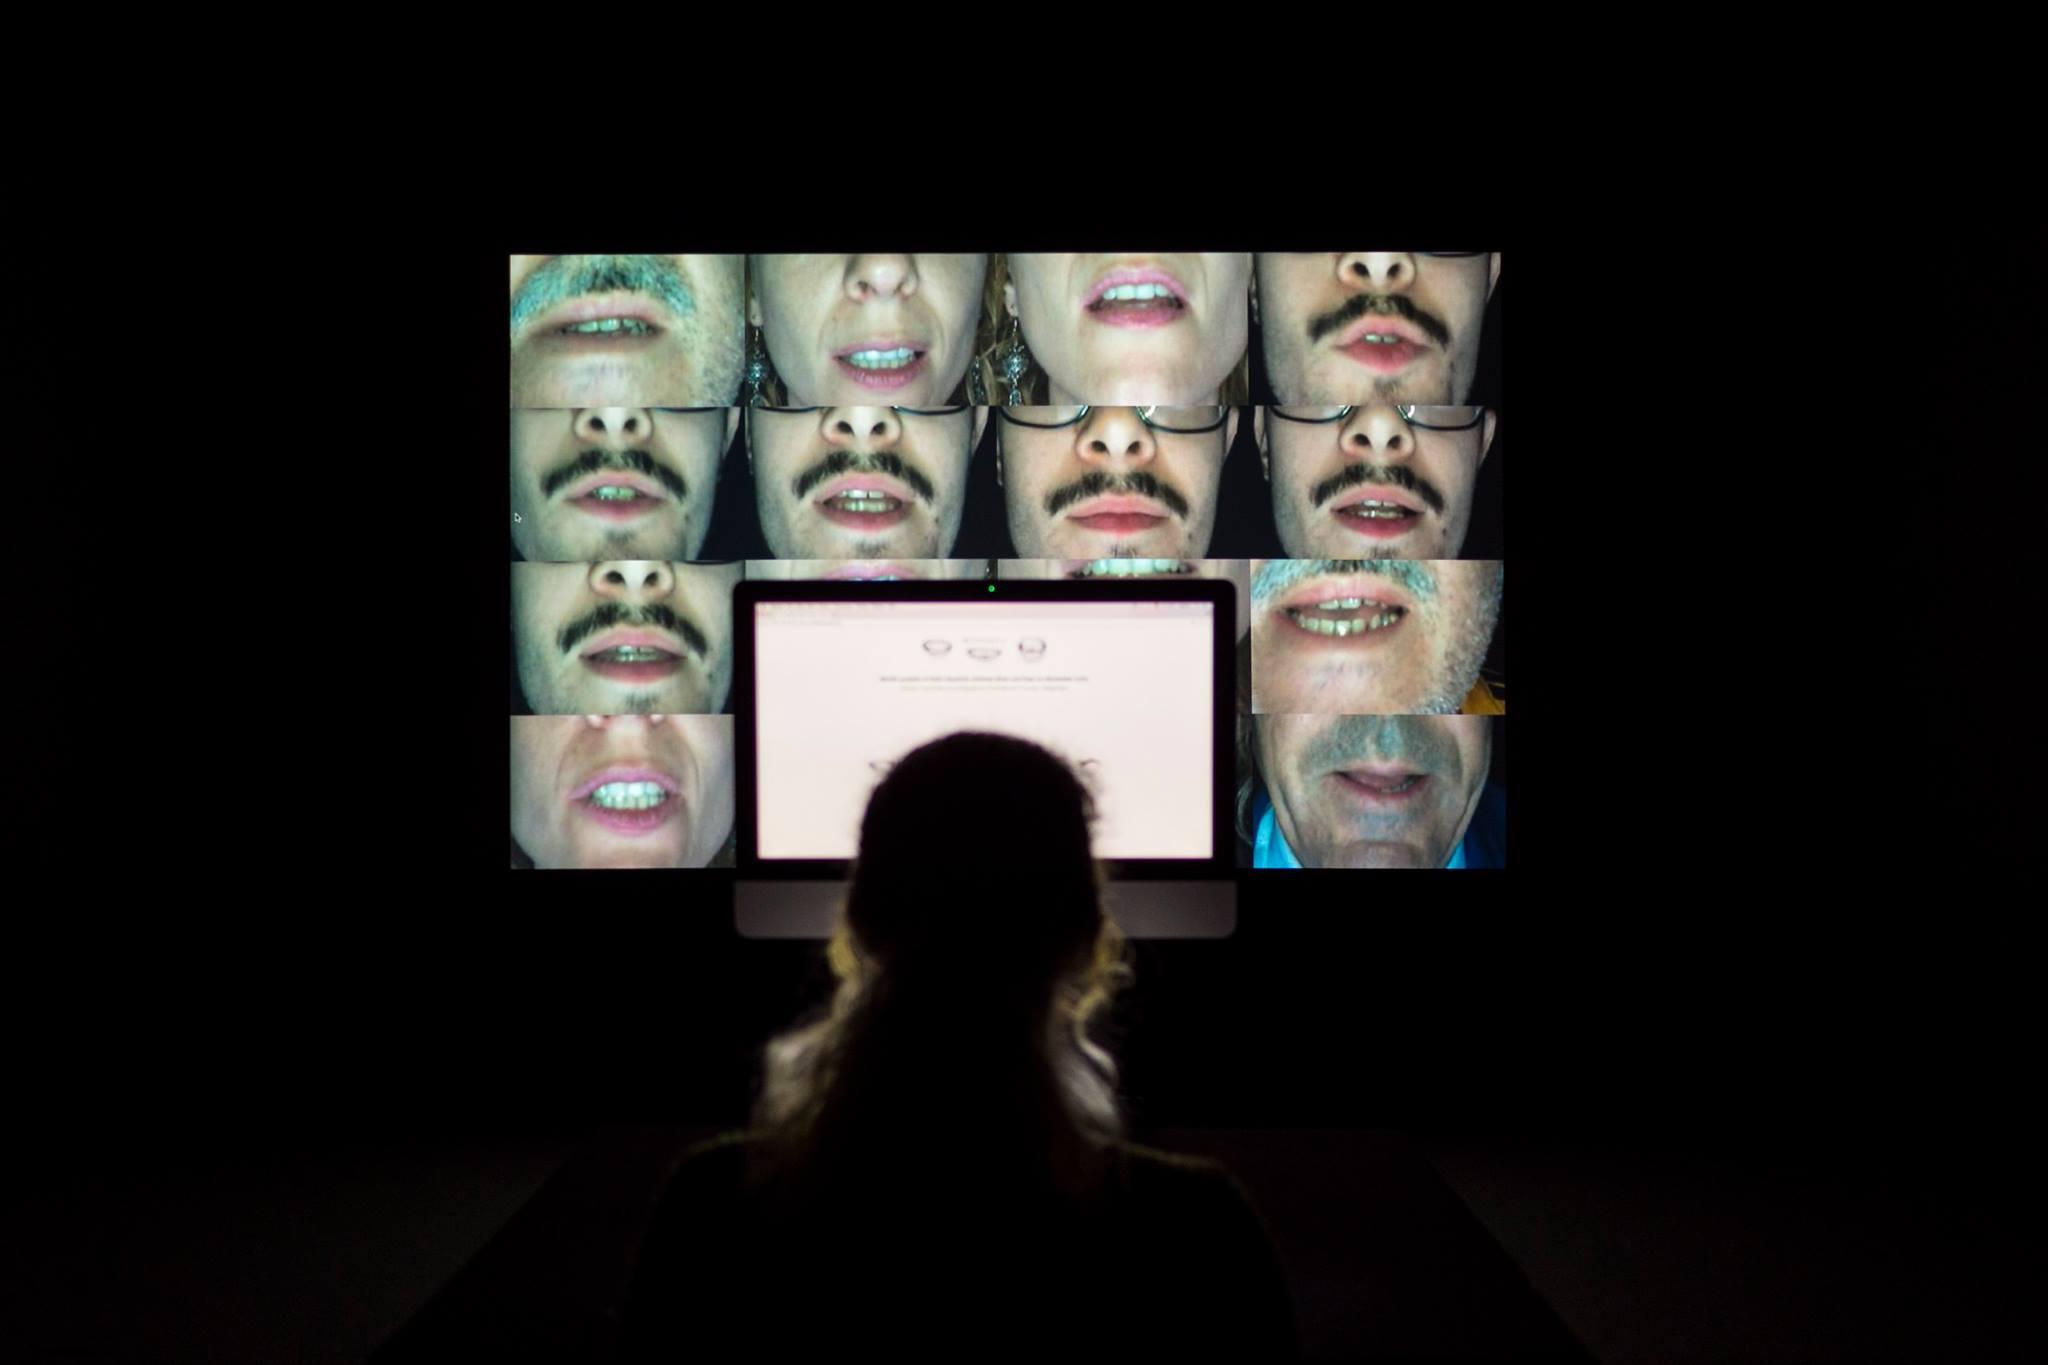 Mouthsaic (2017) - Denica Veselinova Sabeva